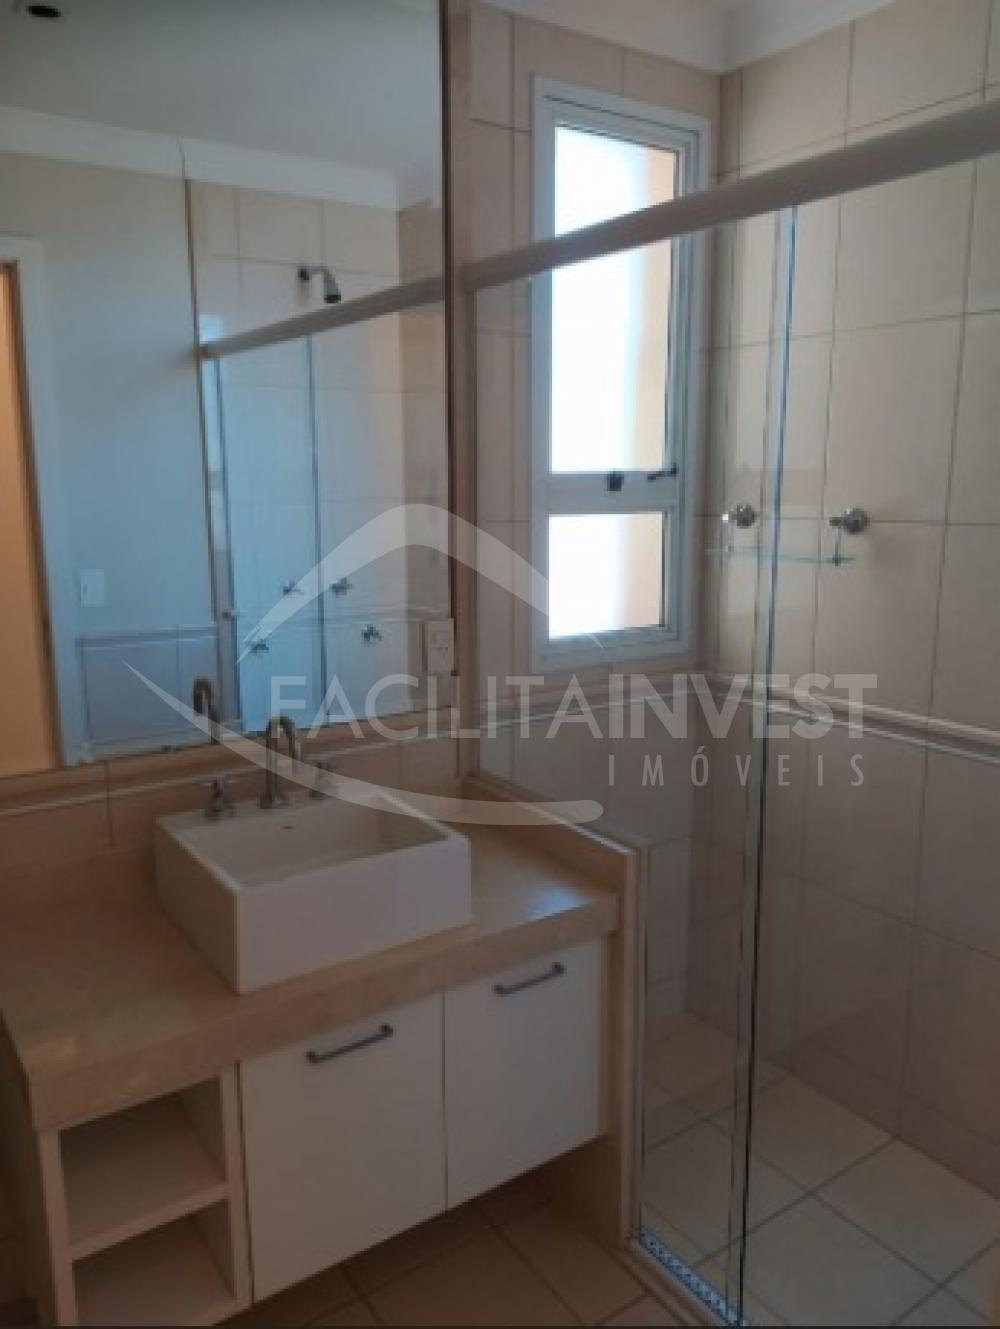 Comprar Apartamentos / Cobertura em Ribeirão Preto apenas R$ 1.850.000,00 - Foto 19